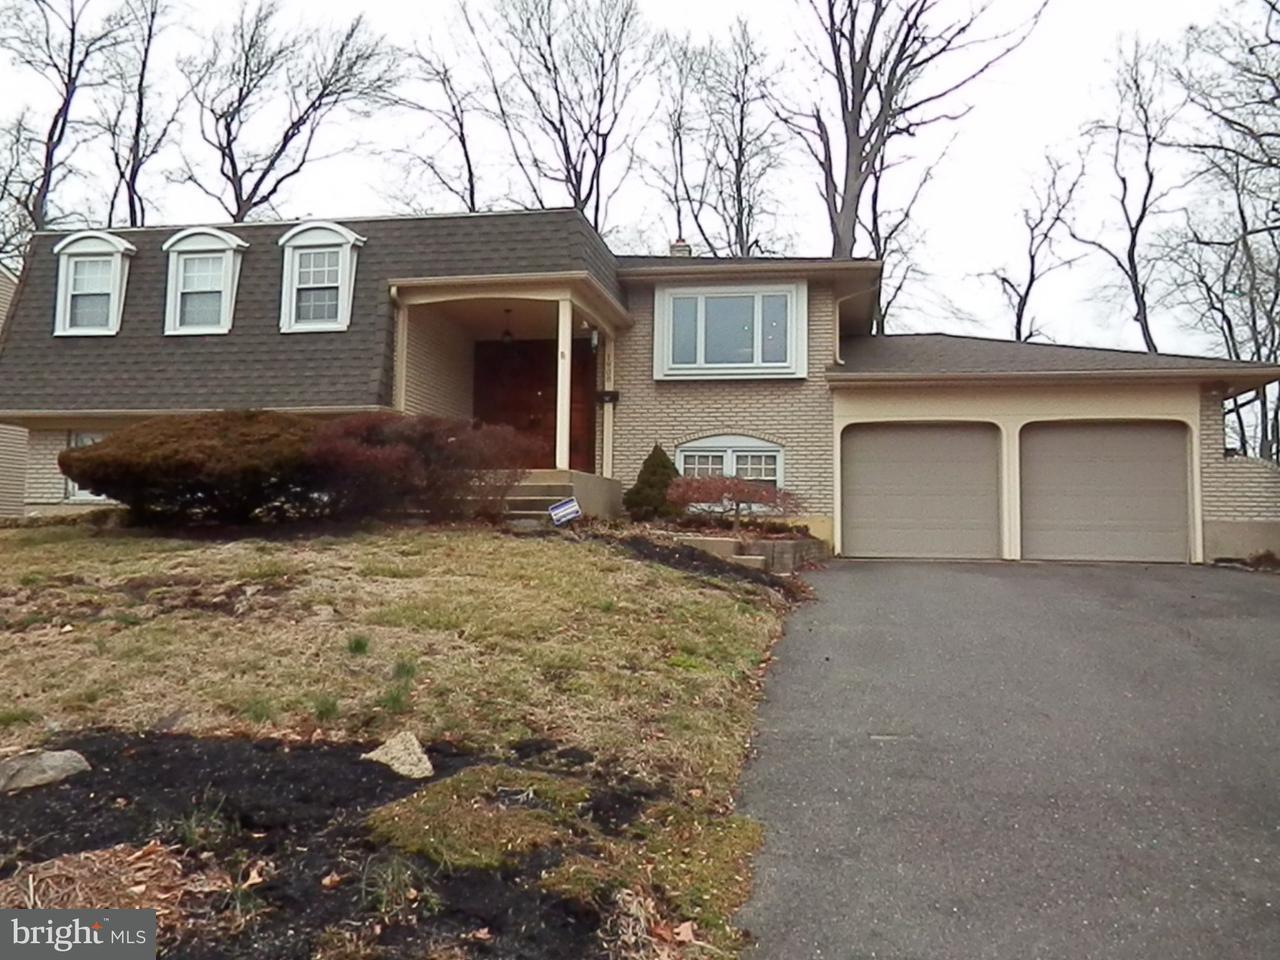 独户住宅 为 出租 在 1908 BIRCHWOOD PARK DR N Cherry Hill, 新泽西州 08003 美国